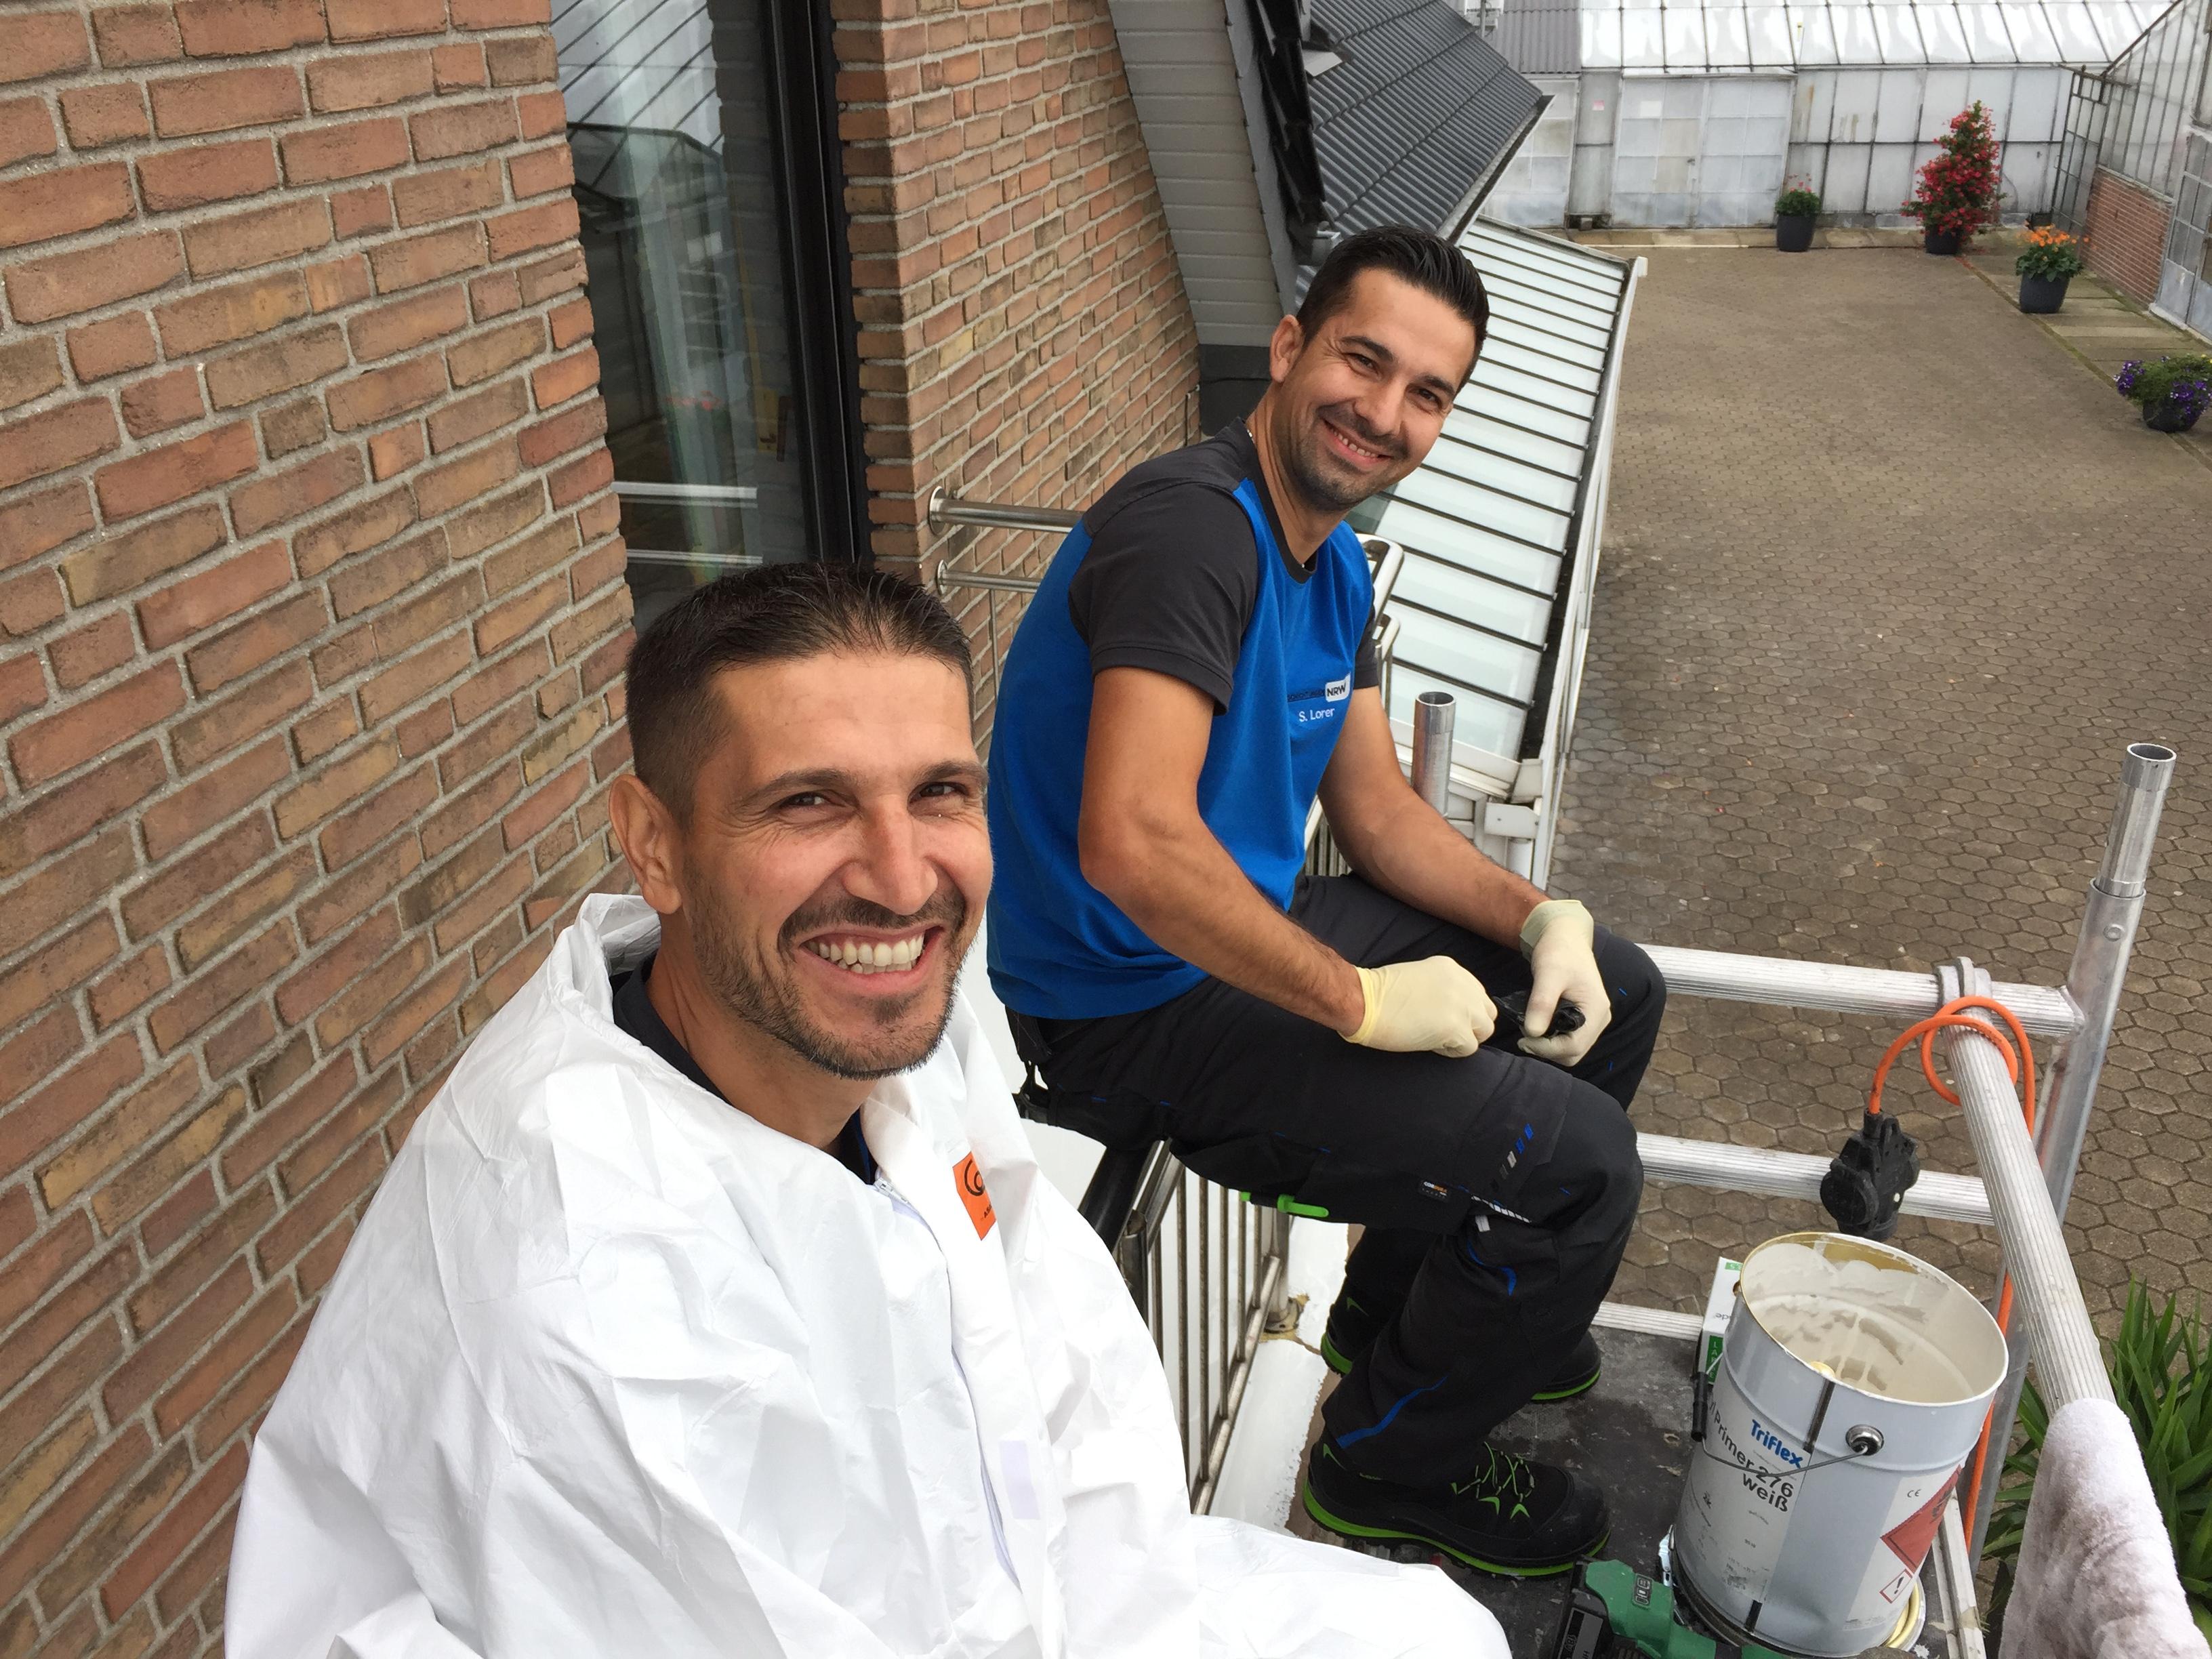 Grundierung und Verkleidung des Balkons mit Aluminiumblechen – Detaillierte Balkonsanierung in Straelen